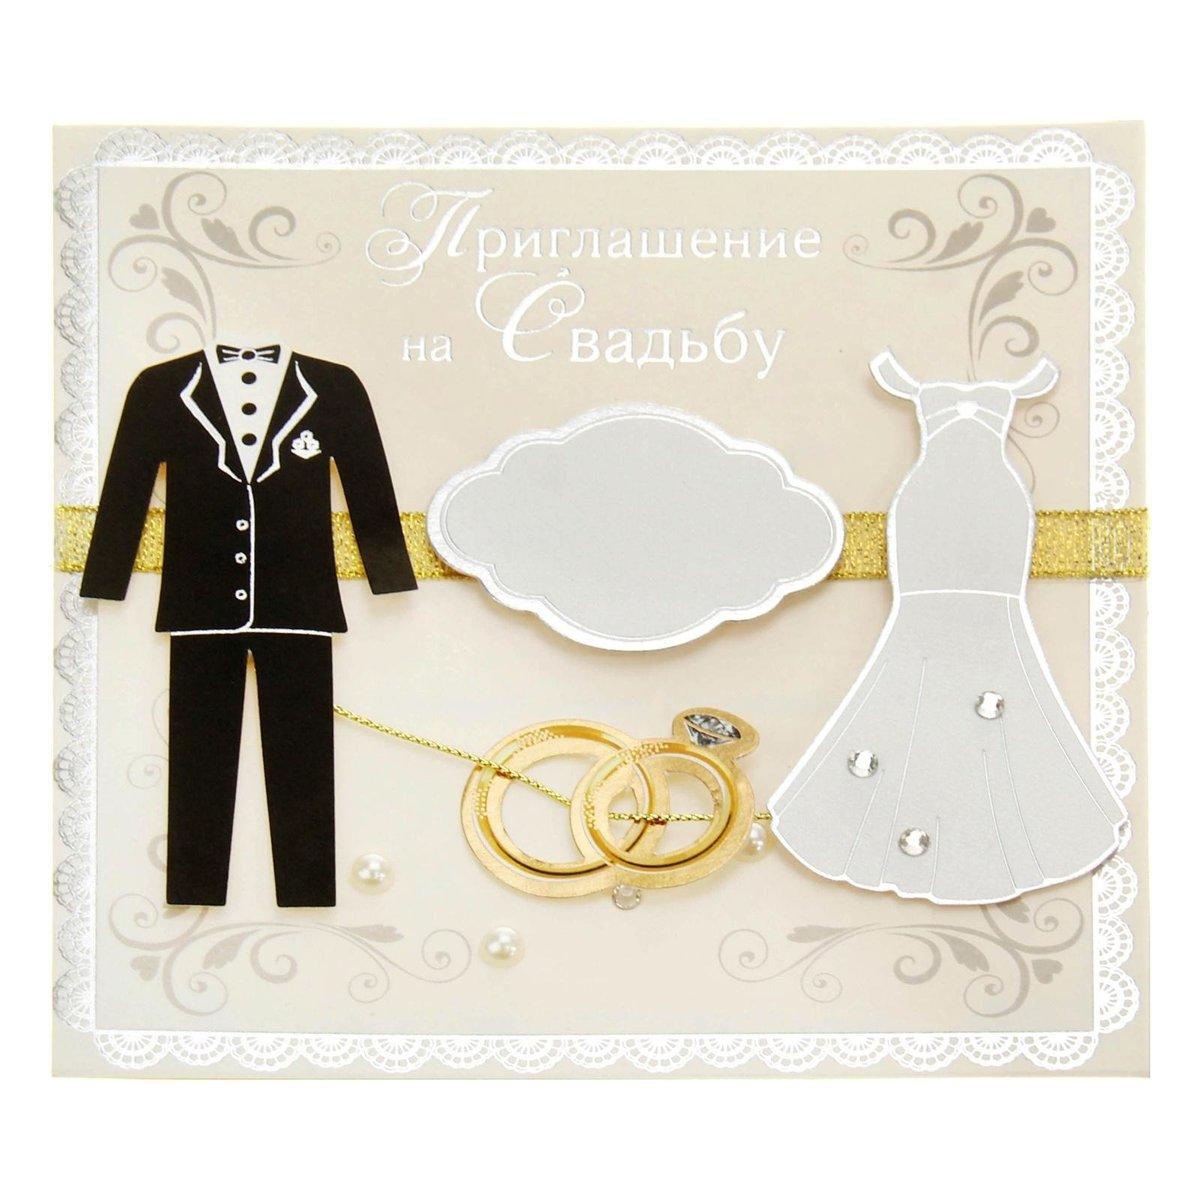 свадебное поздравление в форме доклада с графиками подвисла над